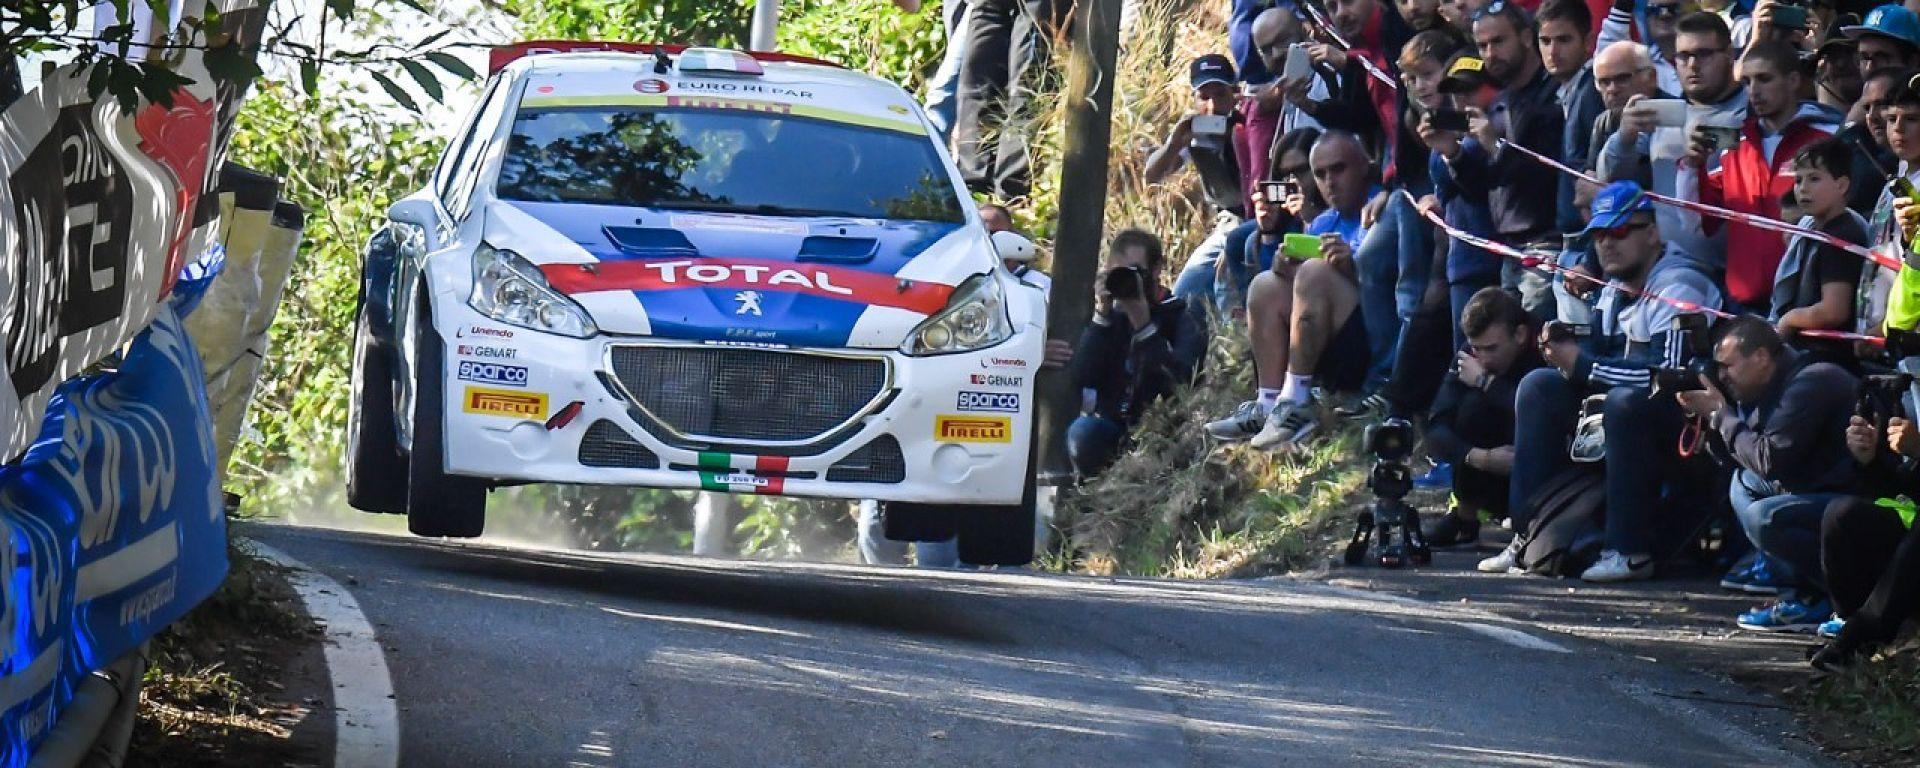 Paolo Andreucci sulla sua Peugeot 208 T16: vista frontale